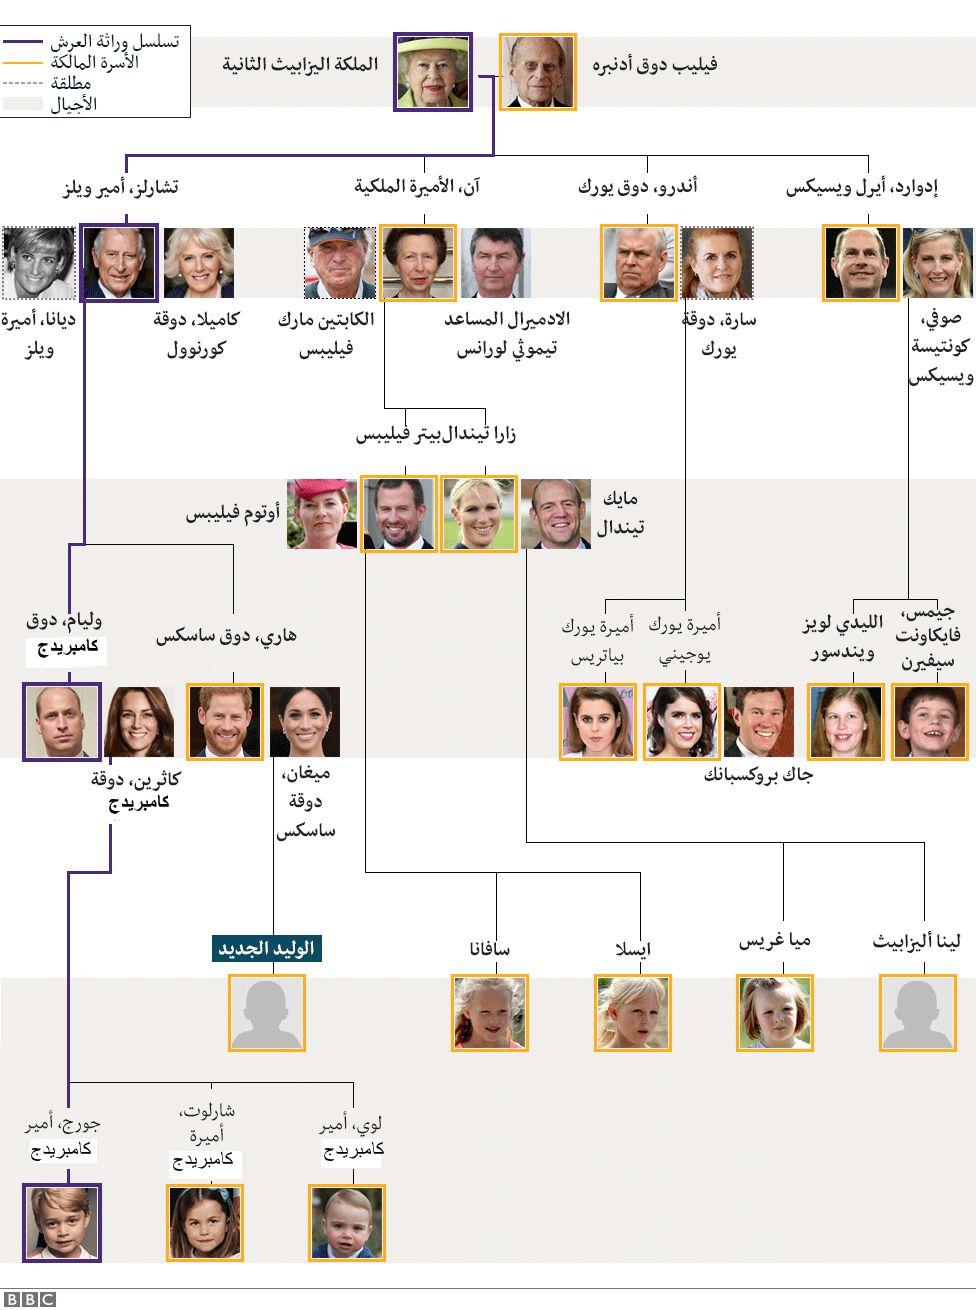 شجرة الأسرة البريطانية المالكة